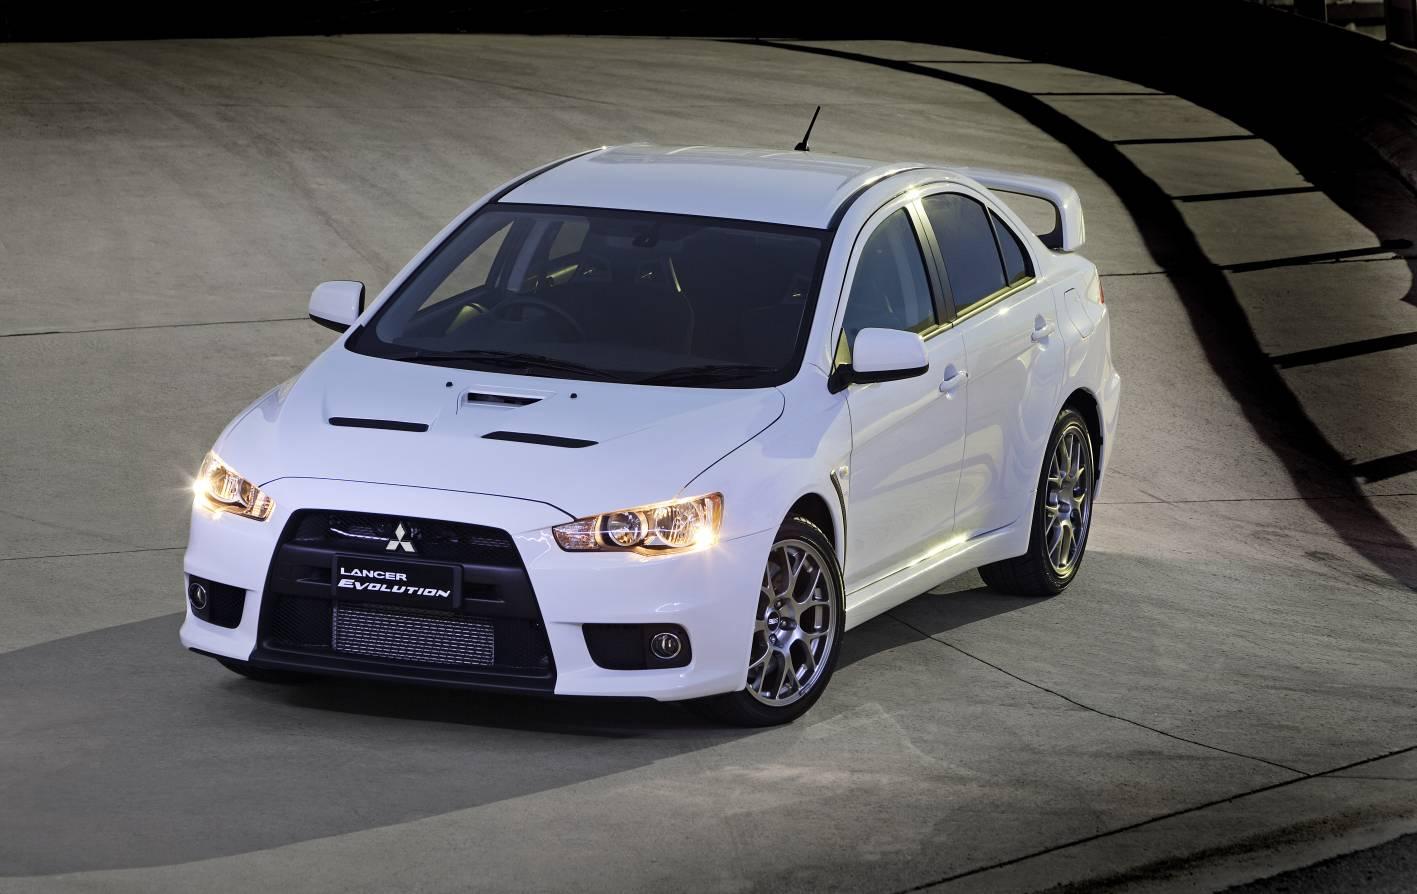 Mitsubishi Lancer Evolution X Archives | PerformanceDrive